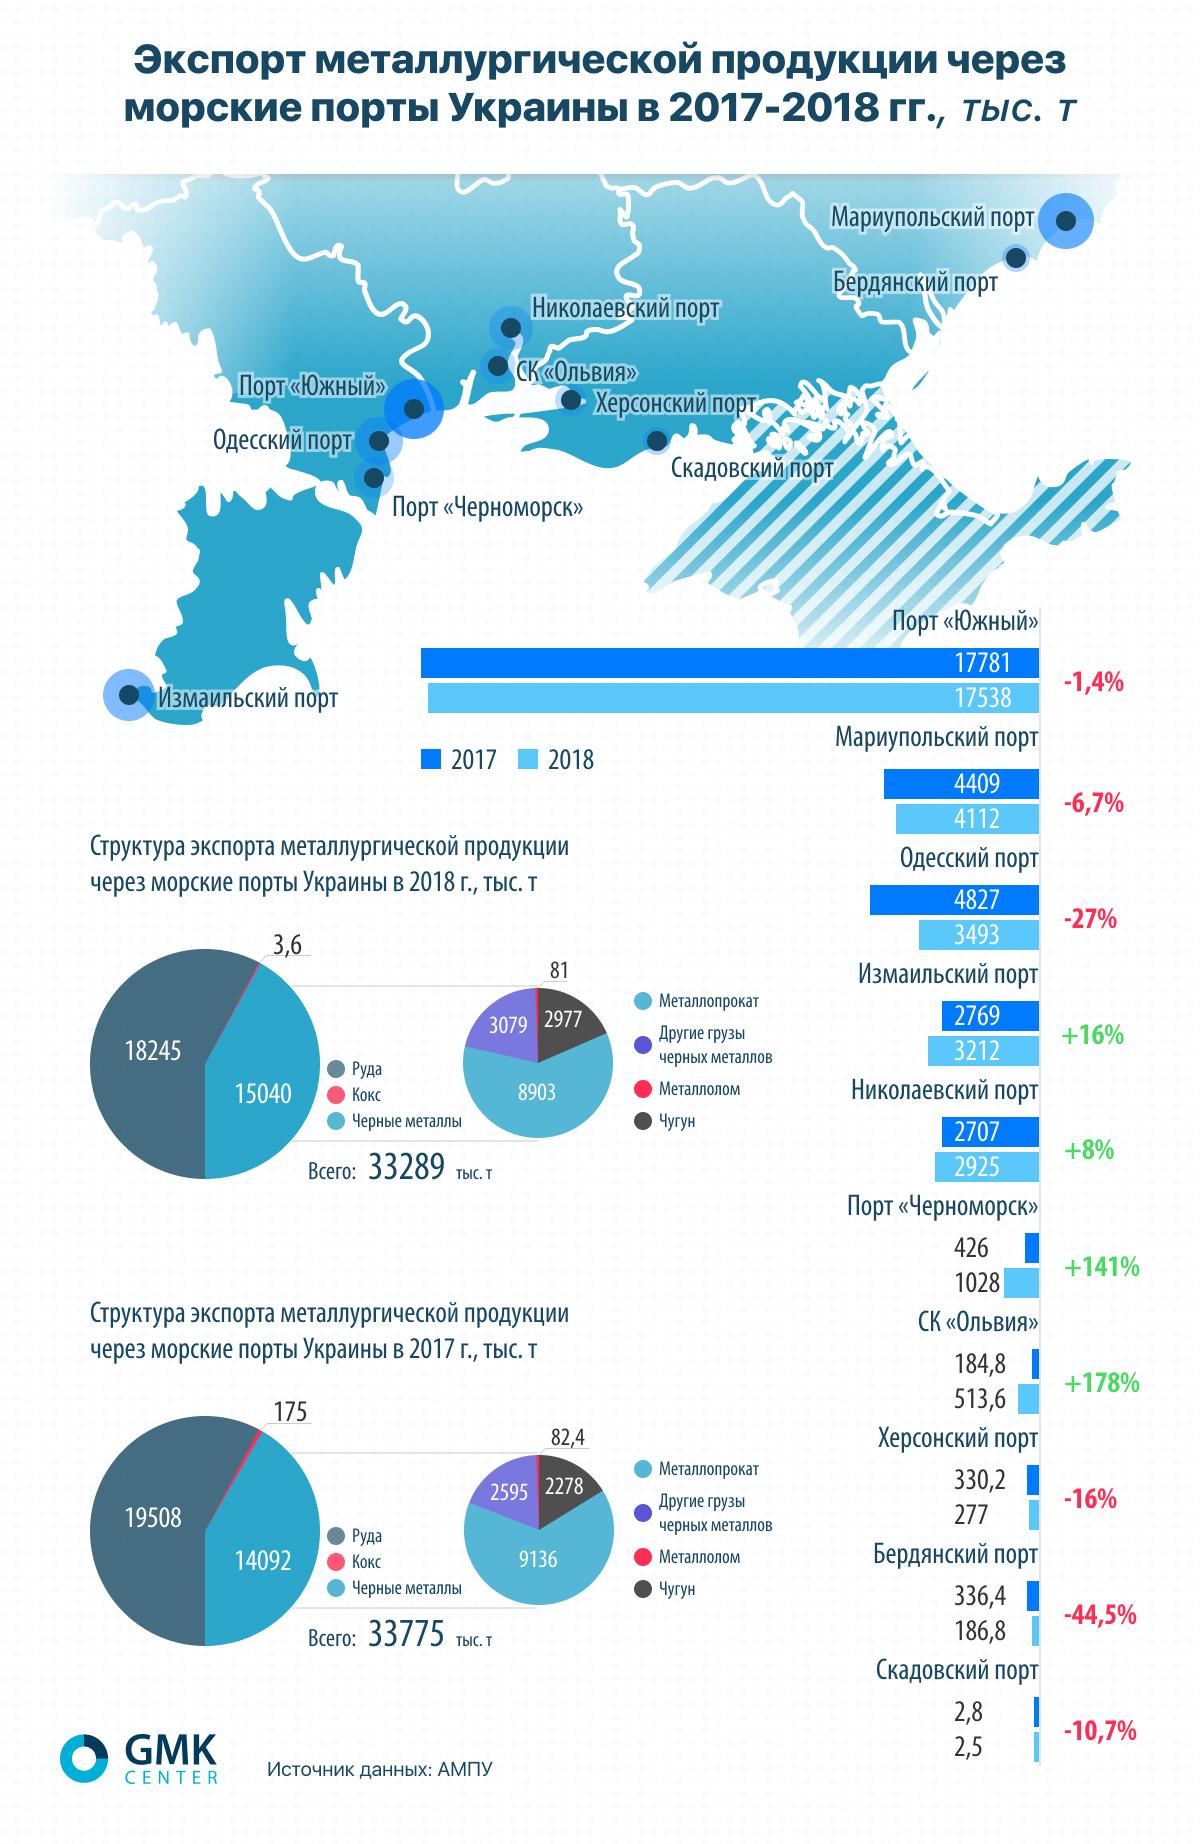 Экспорт металлургической продукции через морские порты. gmk.center